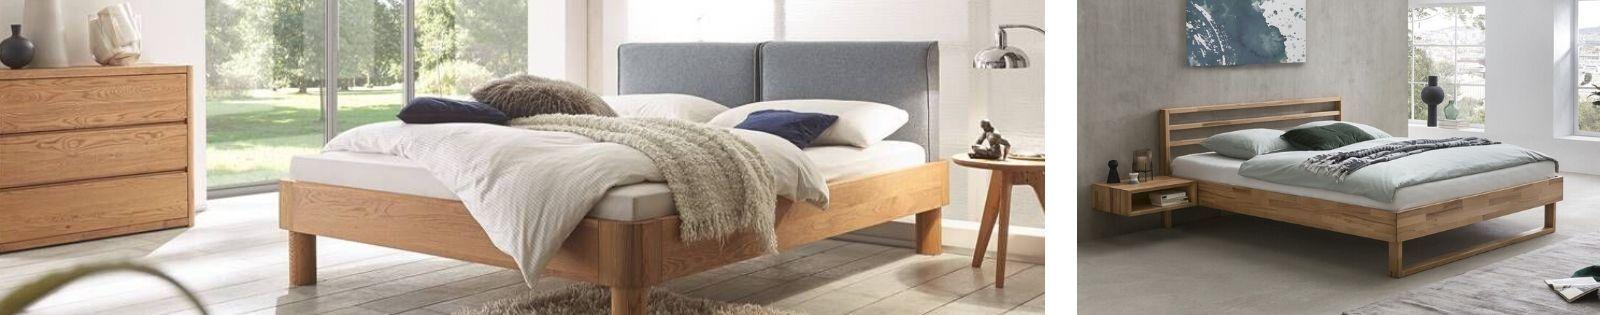 Lits en bois massif : meubles haut de gamme en hévéa, acacia, chêne...